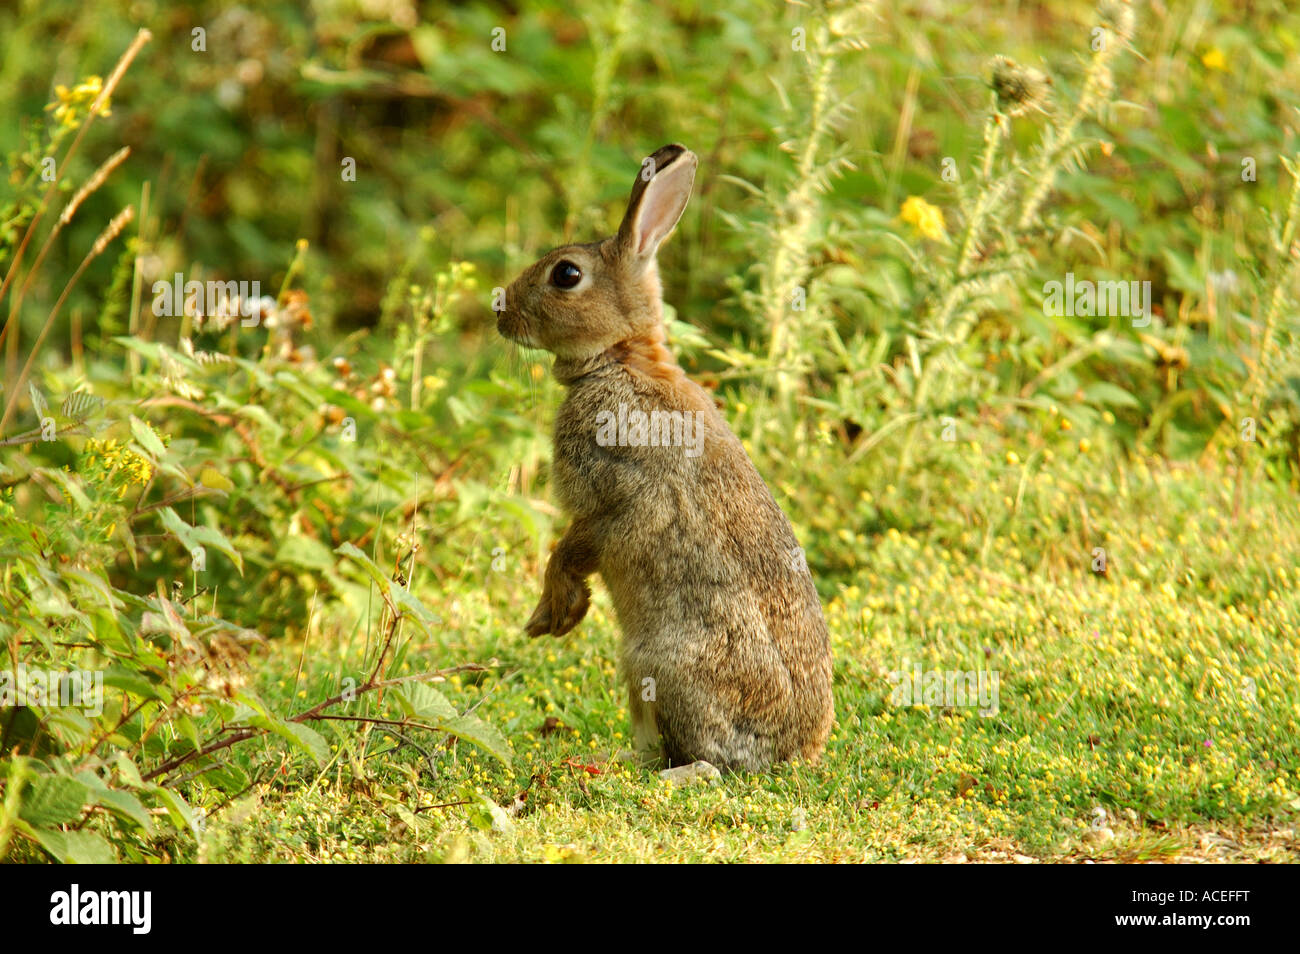 Simpatico coniglio giovane seduto nell'erba a Greenham Common Airbase Immagini Stock